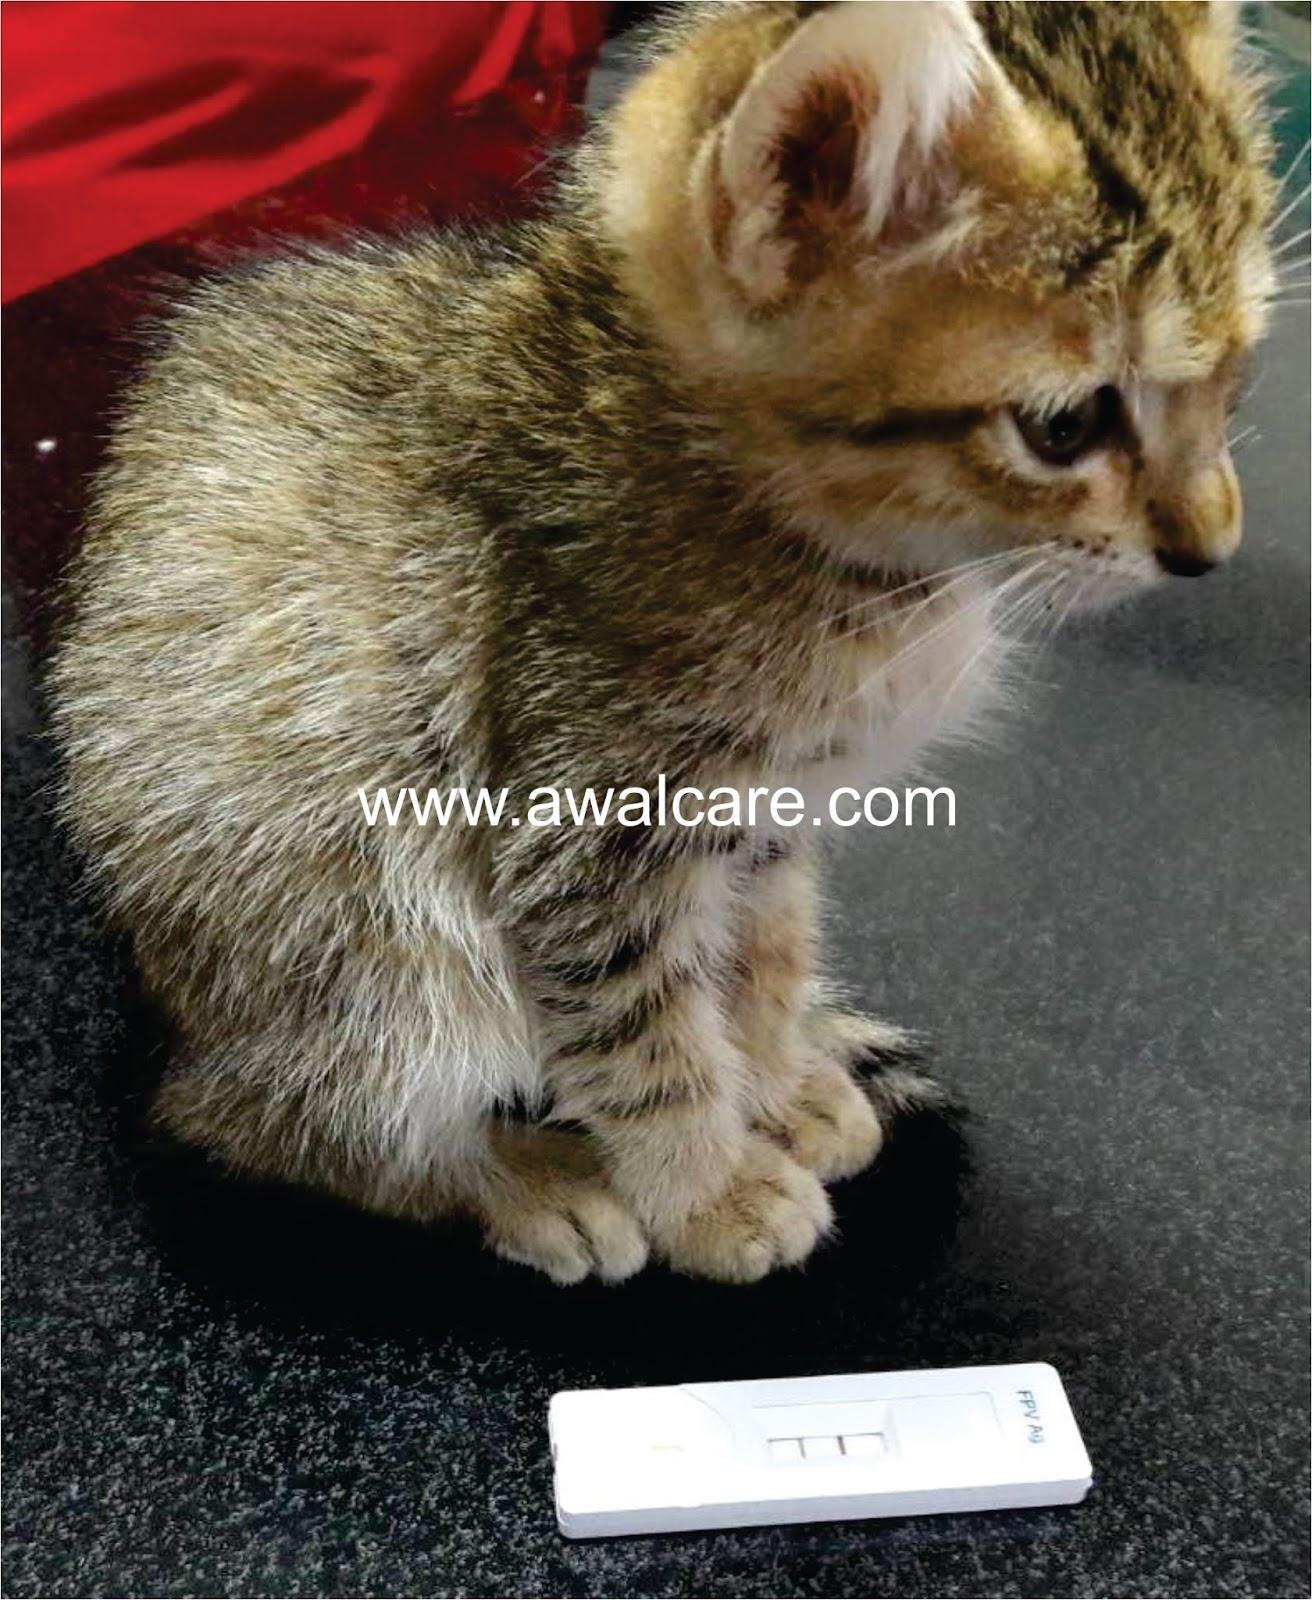 KLINIK HEWAN BEKASI & JAKARTA: Feline Panleukopenia Virus (FPV)